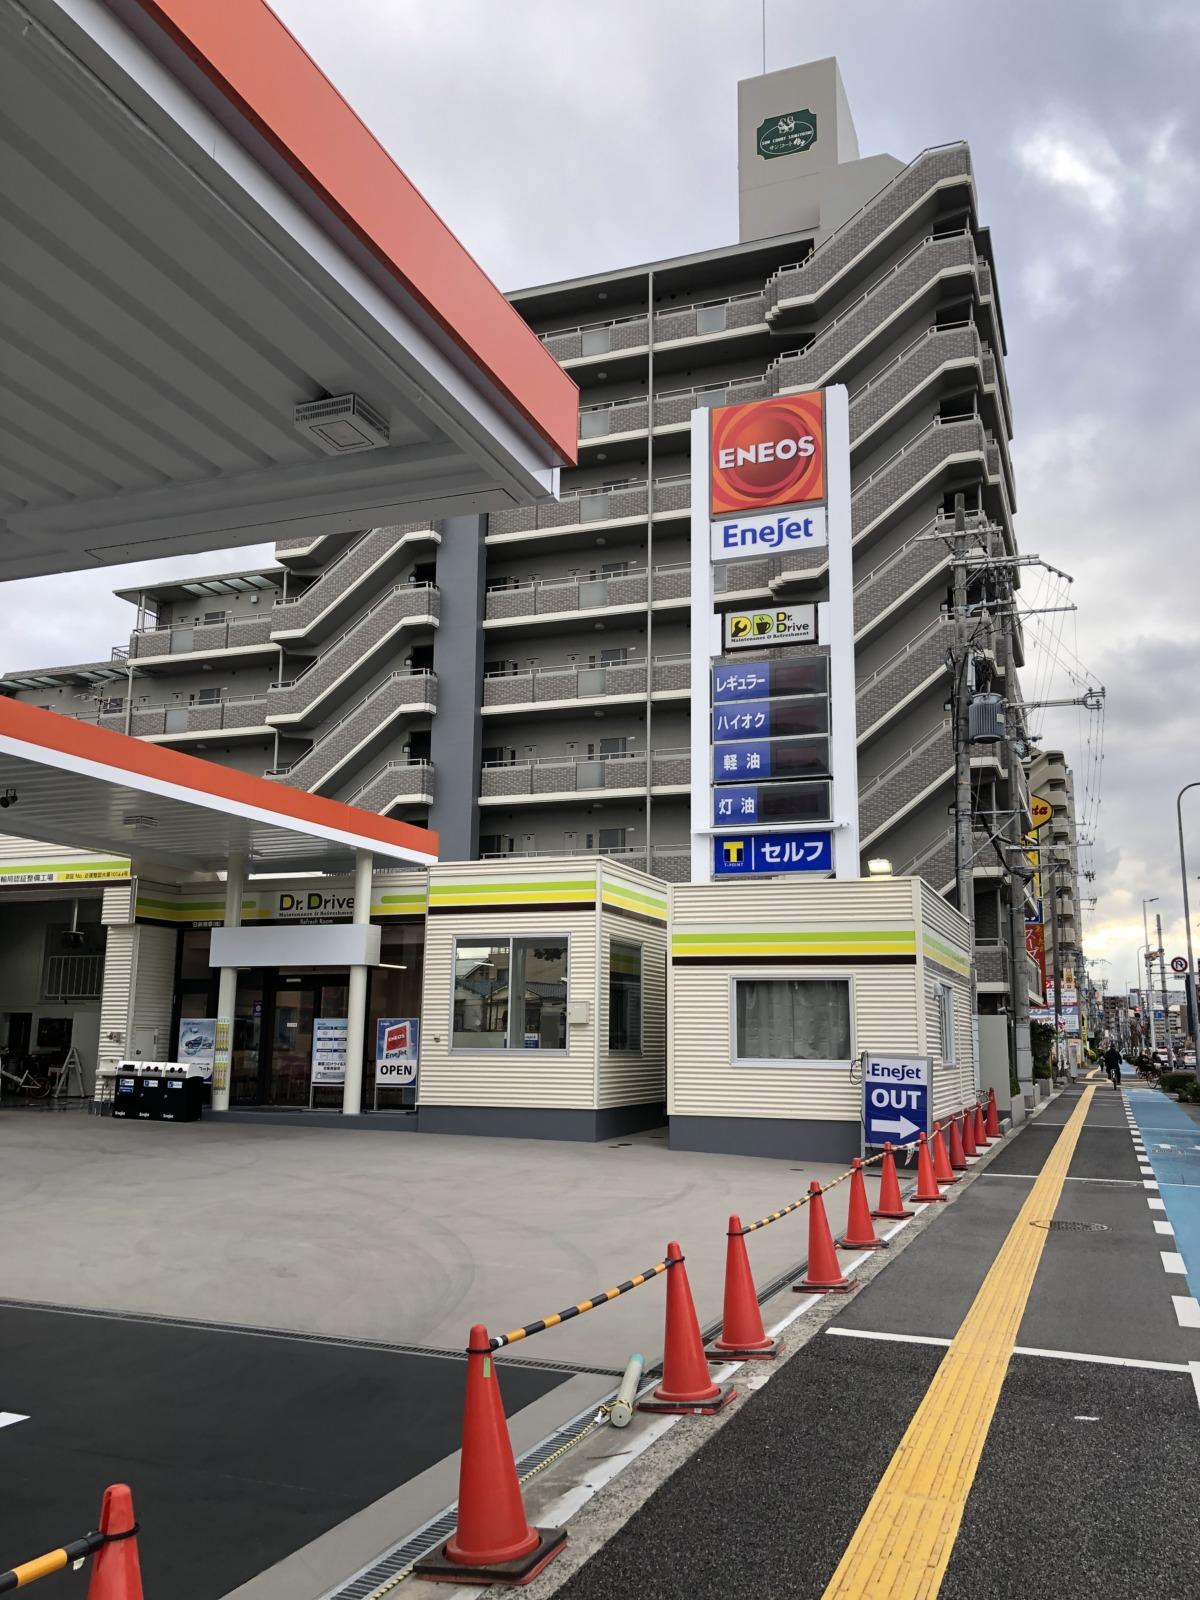 【2020.12/1にリニューアルオープンするみたい】堺市北区 ・中百舌鳥にまもなく『EneJet(エネジェット)』がオープン!!: